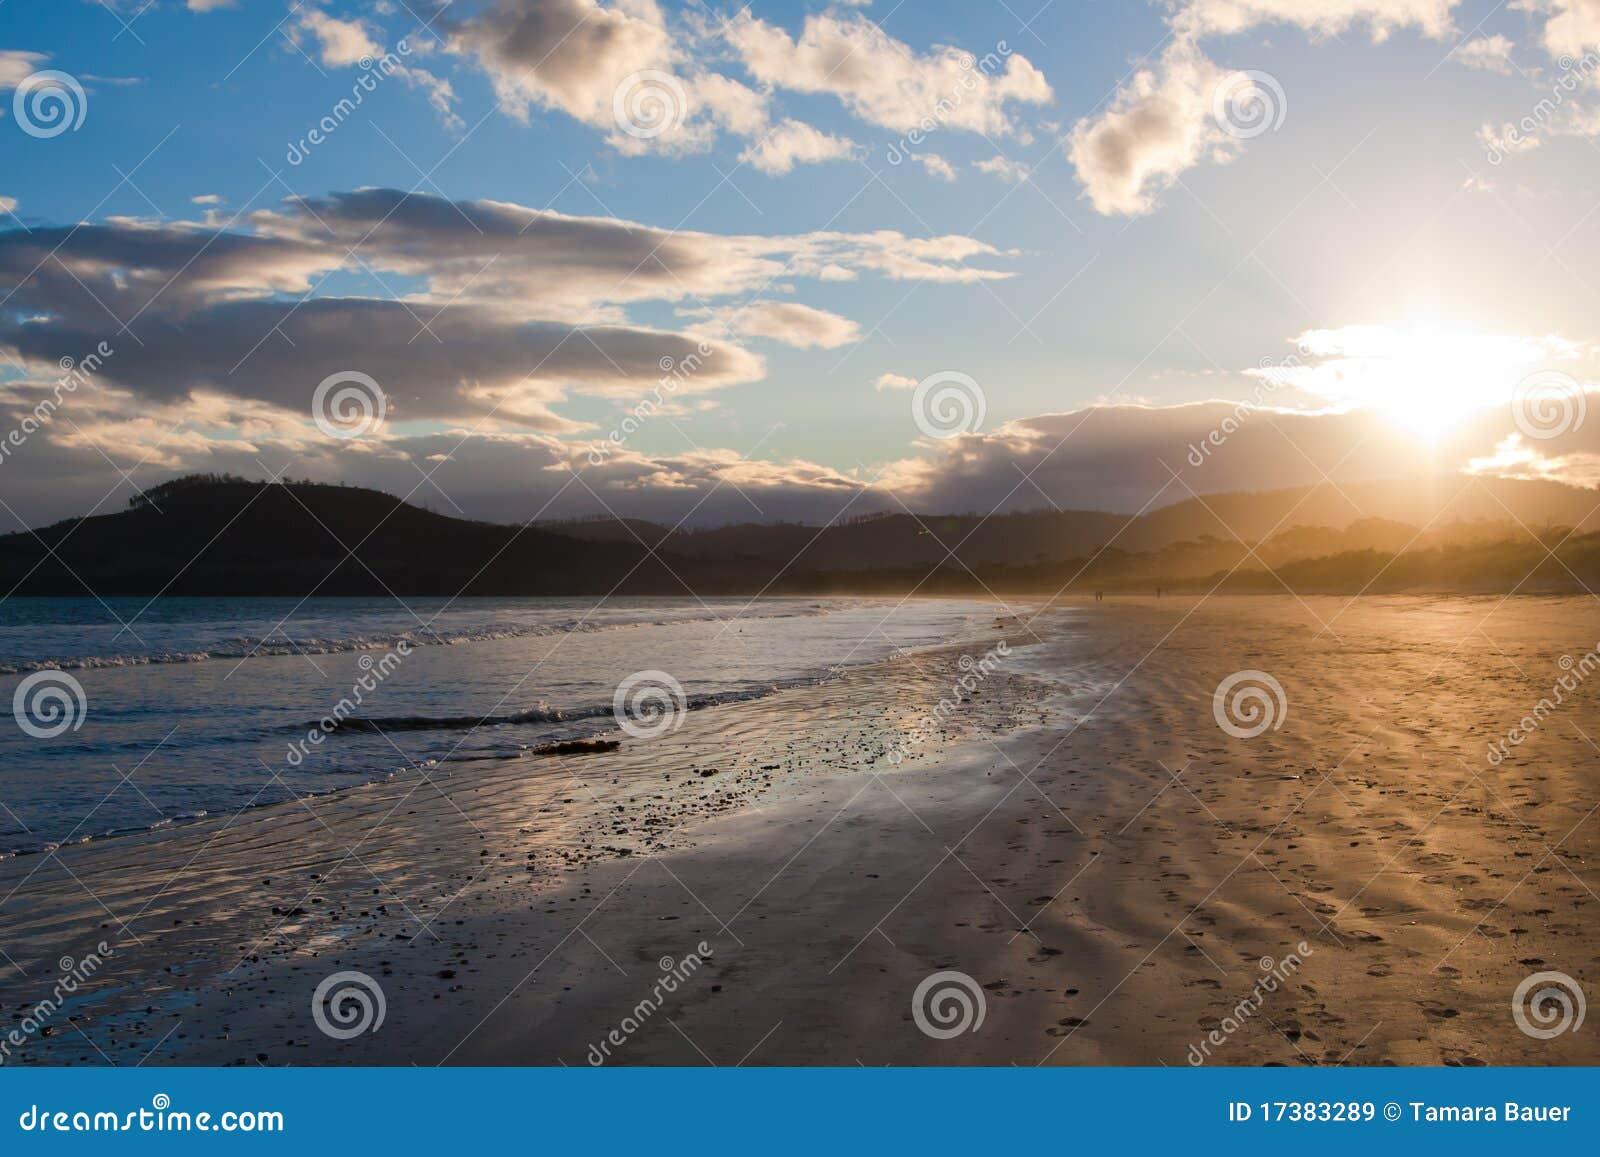 Abendsonnenuntergang bei dem sieben Meilen-Strand, Tasmanien